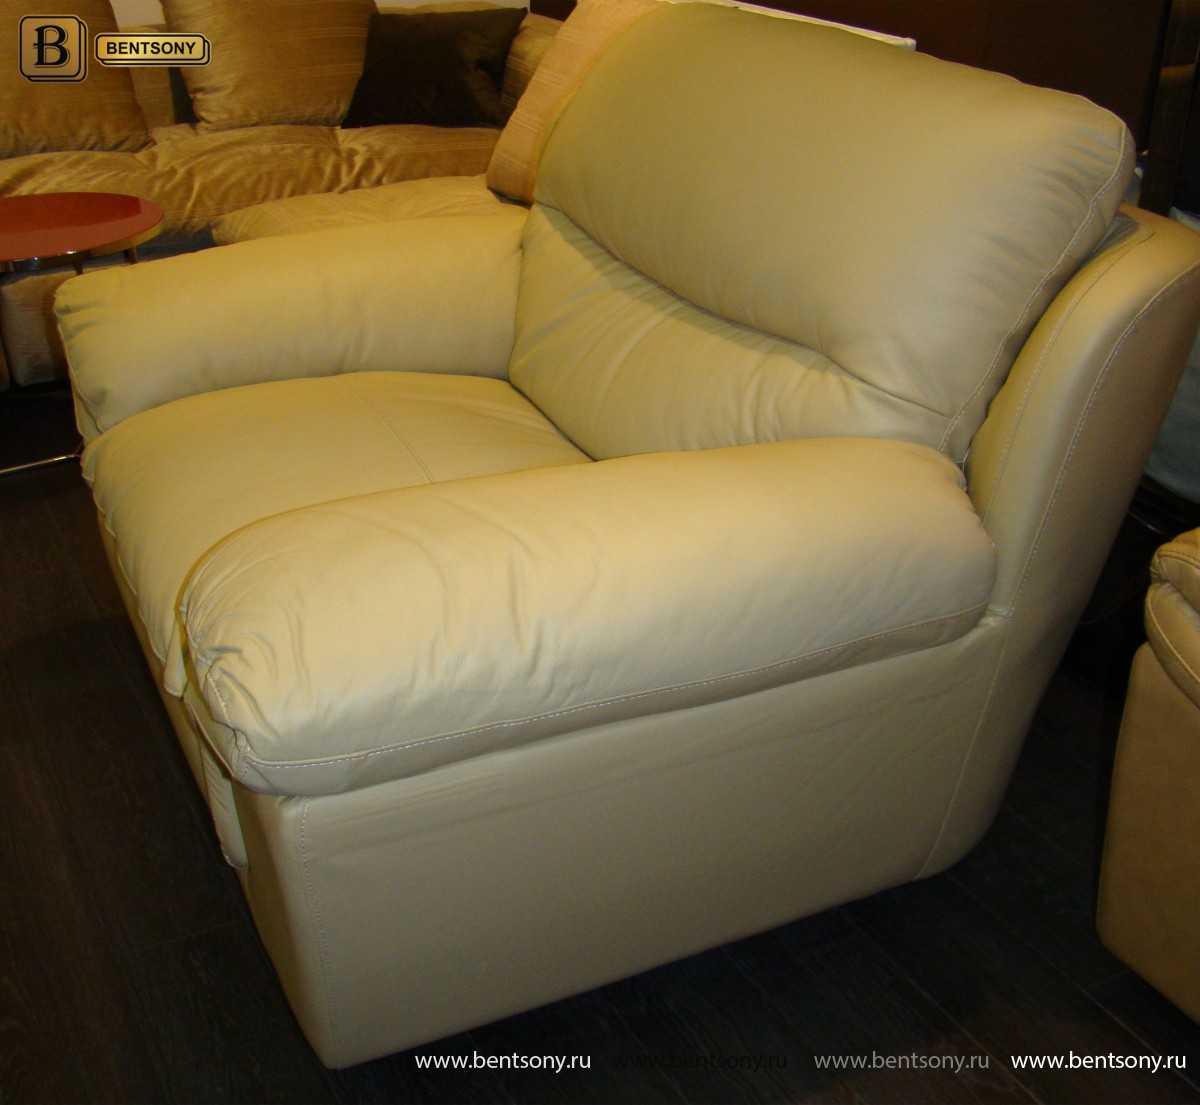 Кресло Маниани купить